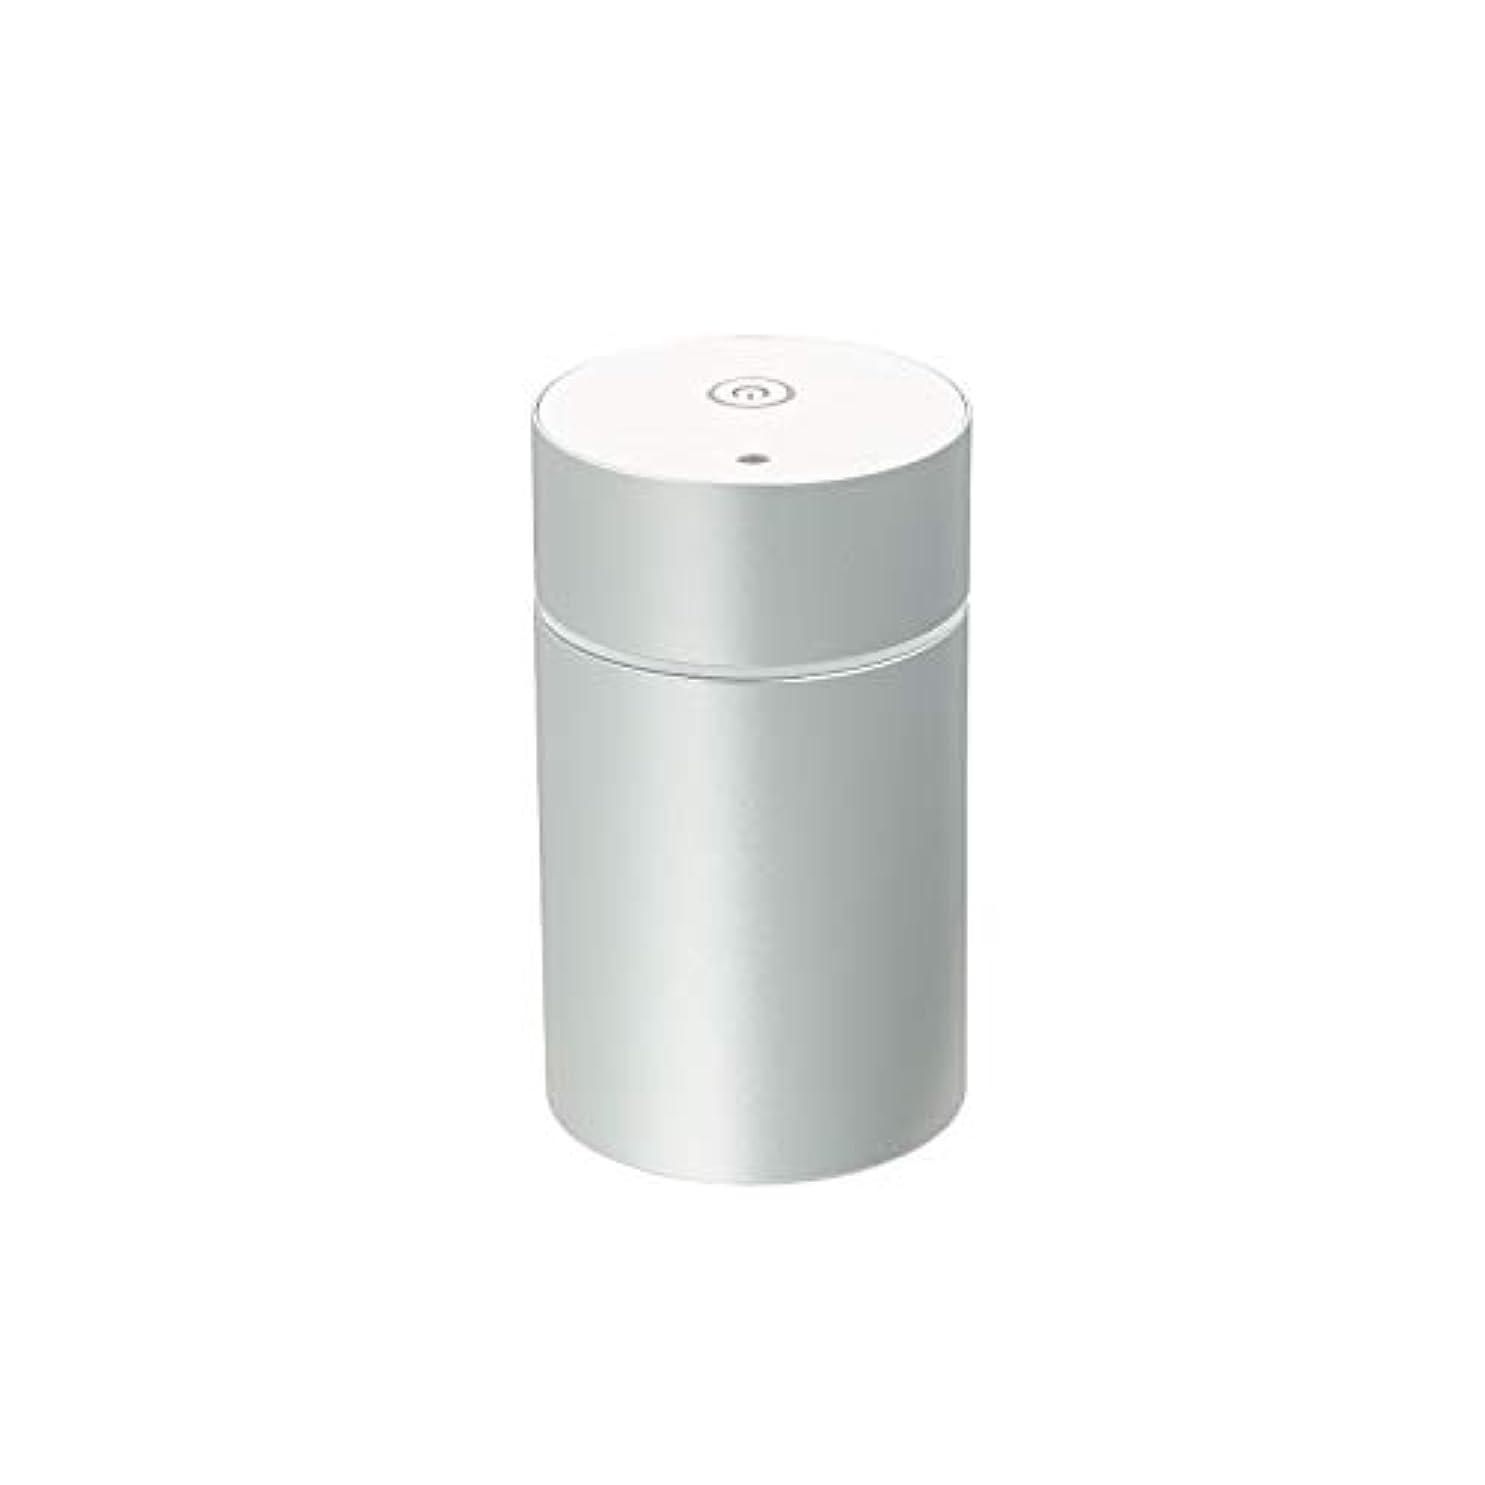 レンダーレイメロディアス生活の木 アロマディフューザー(シルバー)aromore mini(アロモアミニ) 08-801-7010